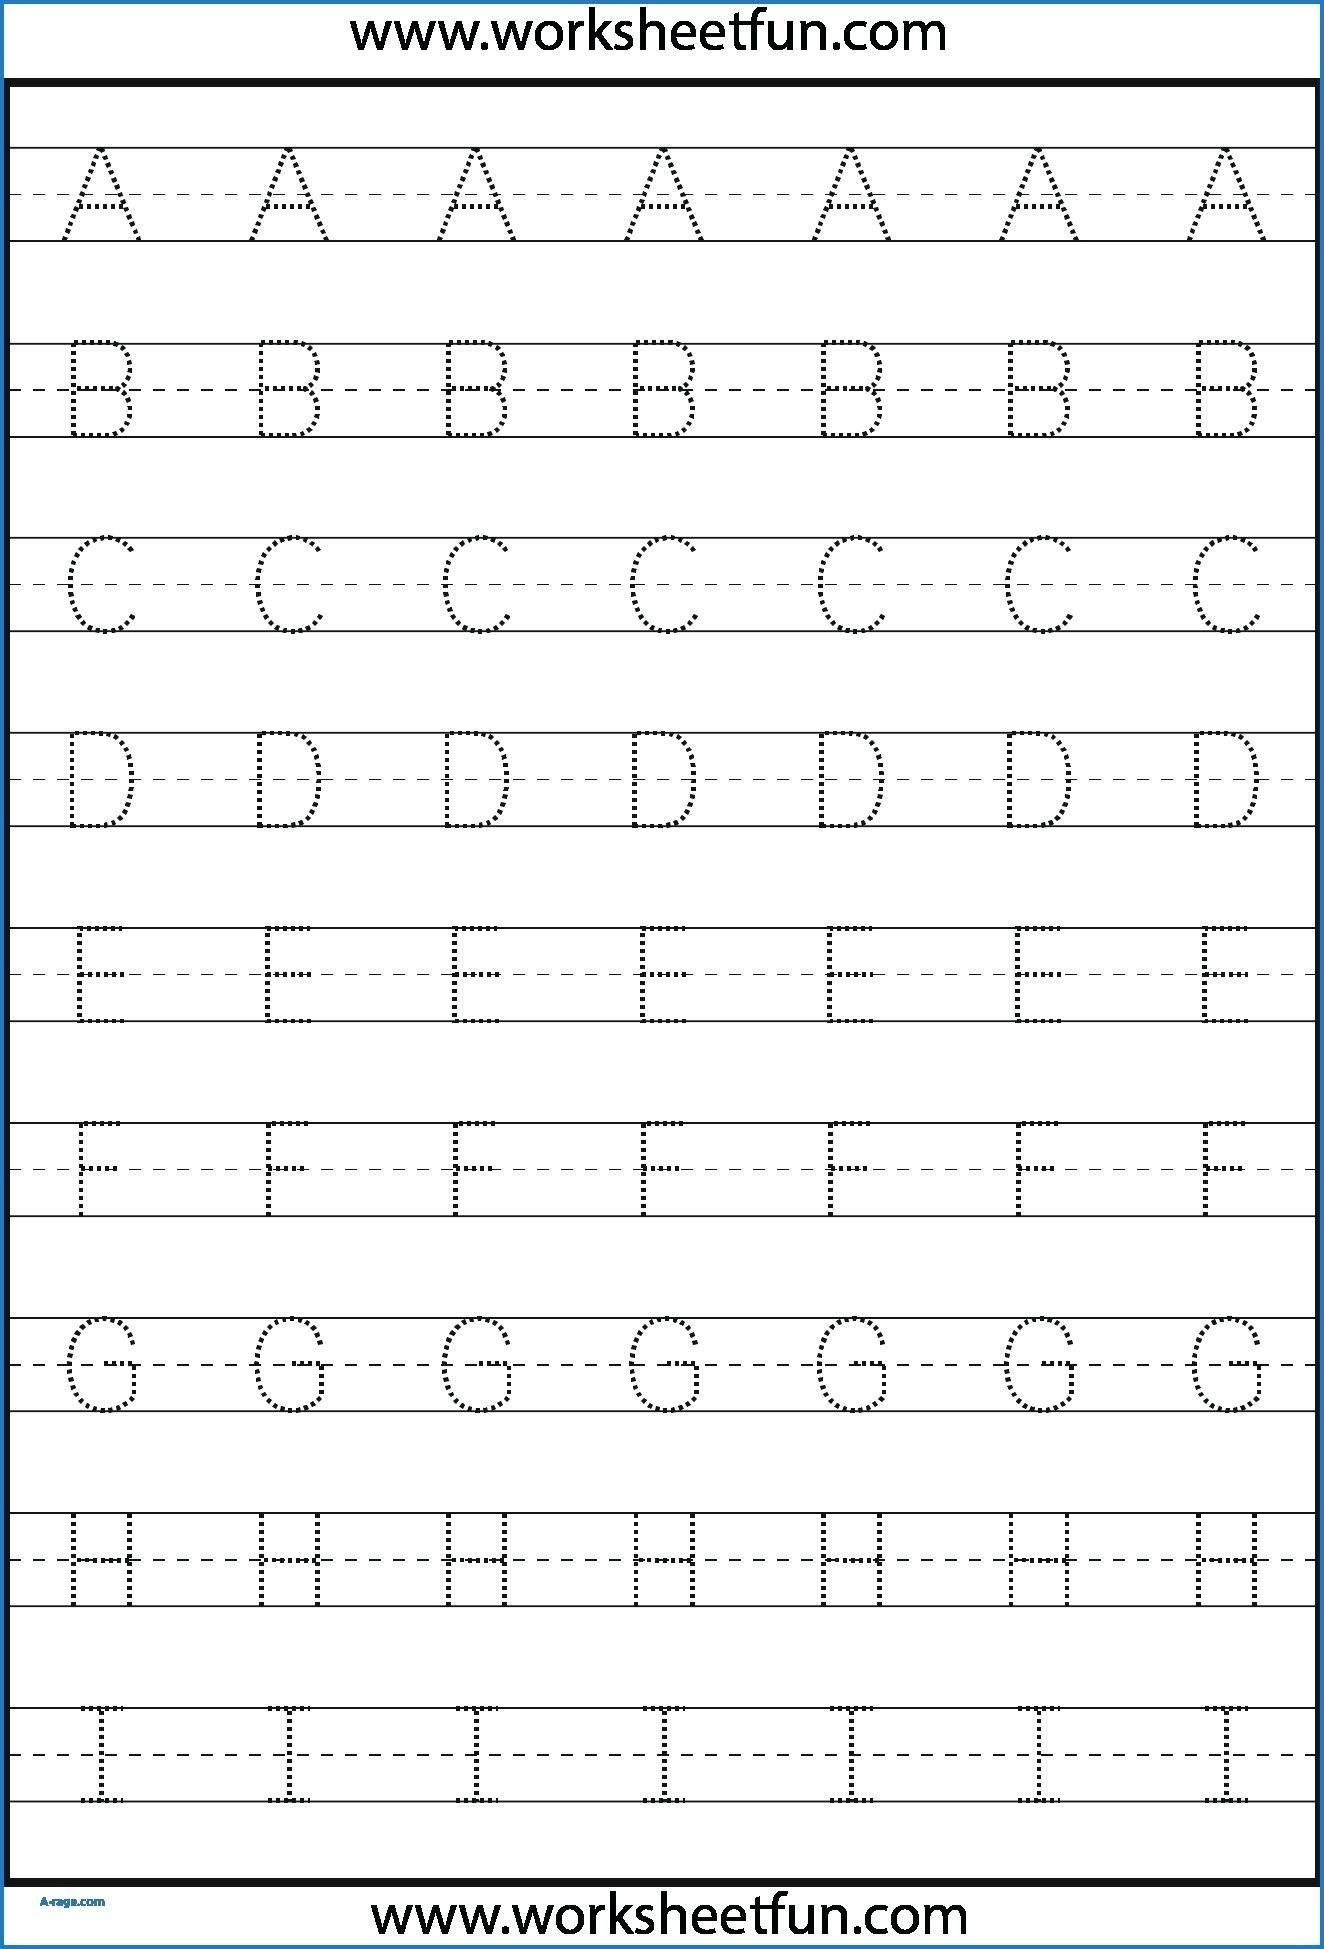 Kindergarten Letter Tracing Worksheets Pdf - Wallpaper Image pertaining to Tracing Letter I Worksheets For Kindergarten